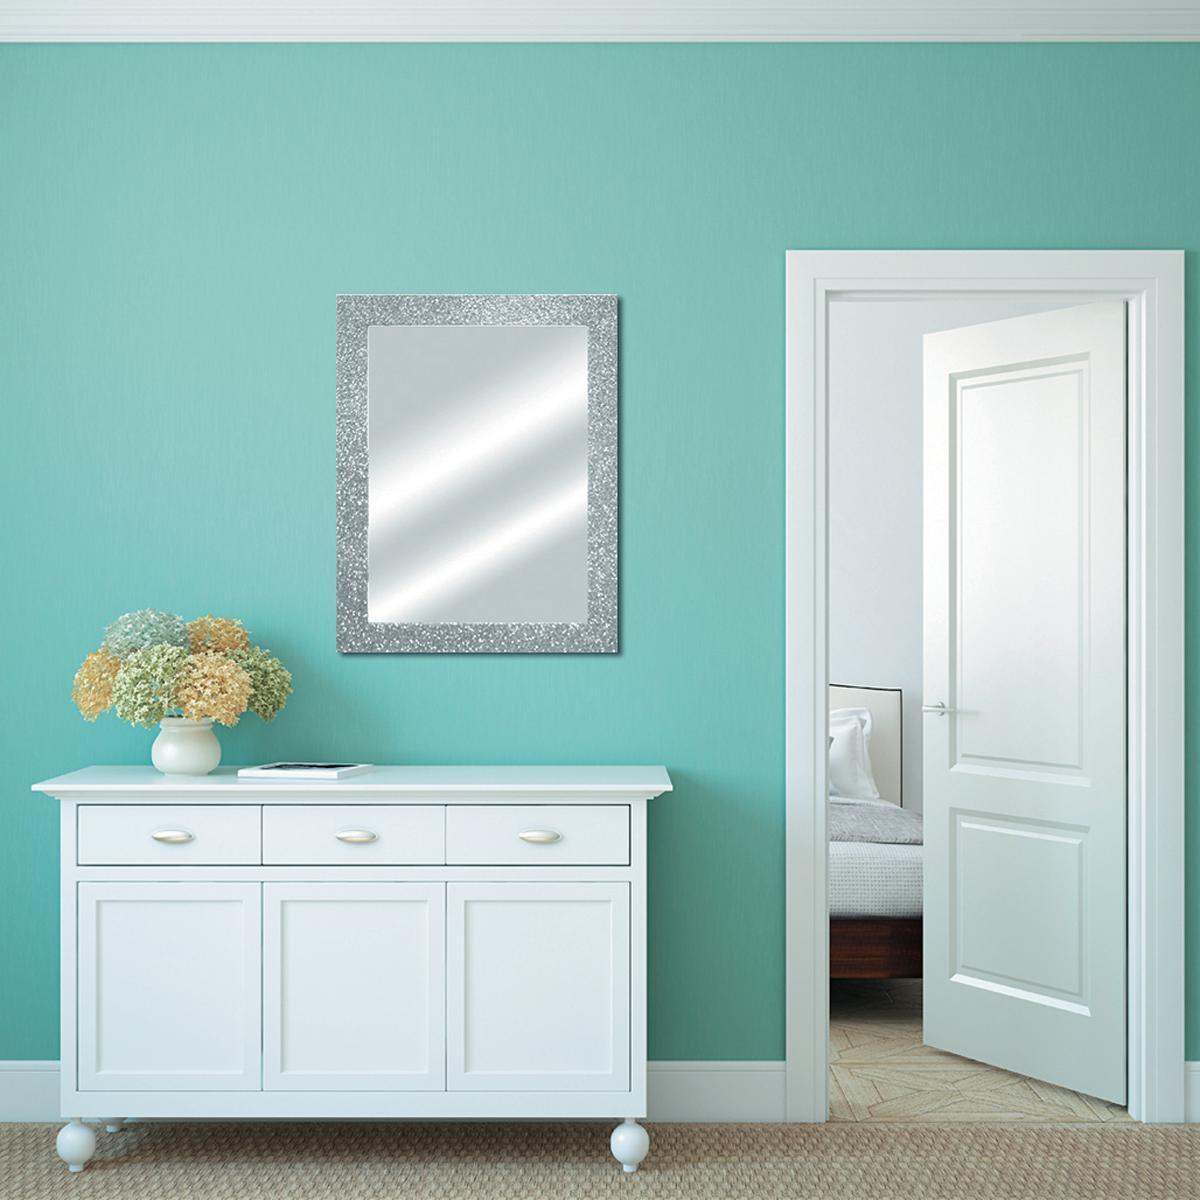 Specchio a parete rettangolare Glitterato argento 60x90 cm - 1